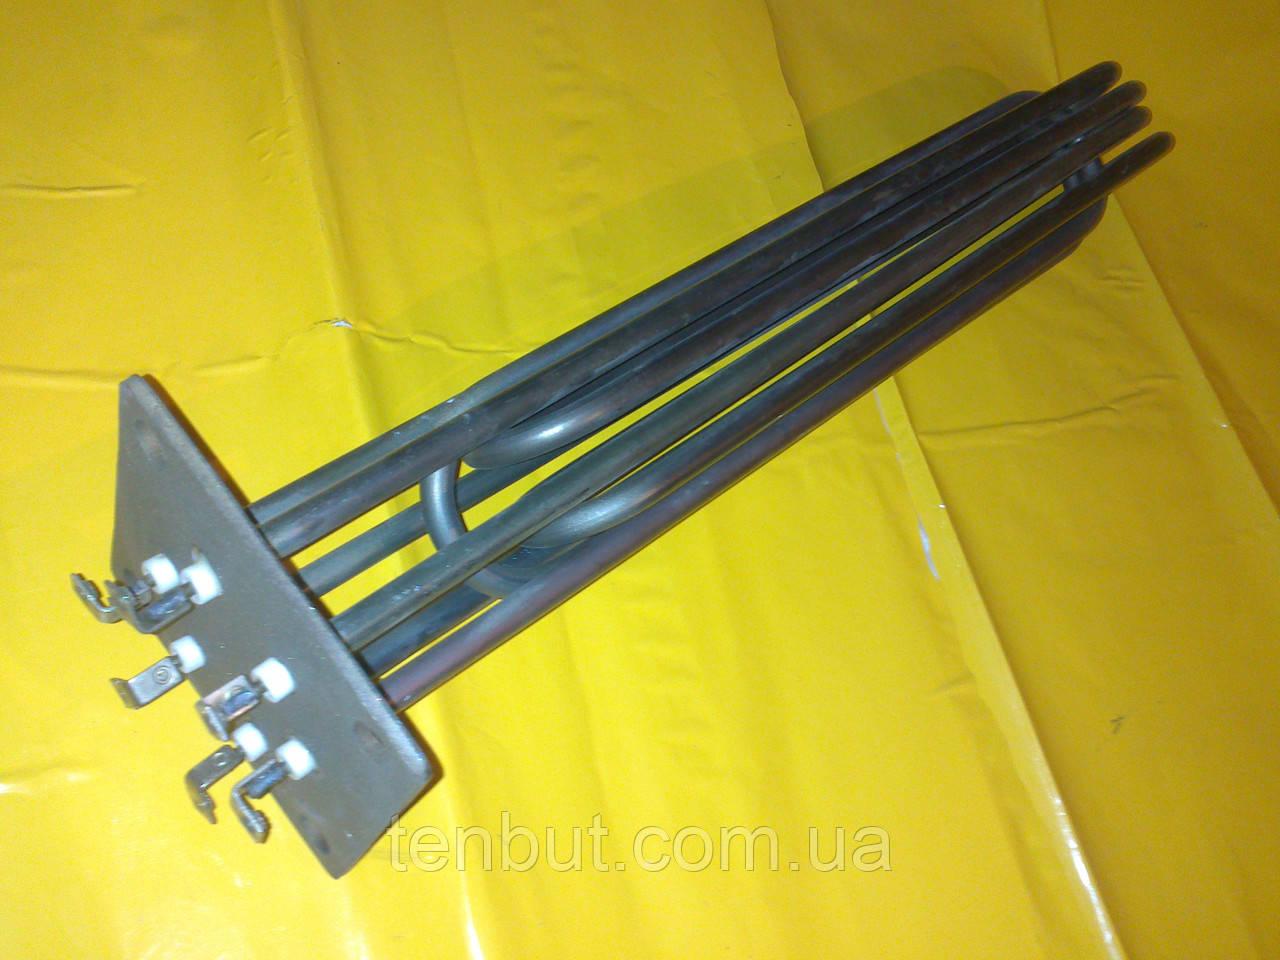 Блок Тэн на квадратном фланце 15.0 кВт. / 100х100 мм. / L-480 мм. в электрокотёл . Производство Украина